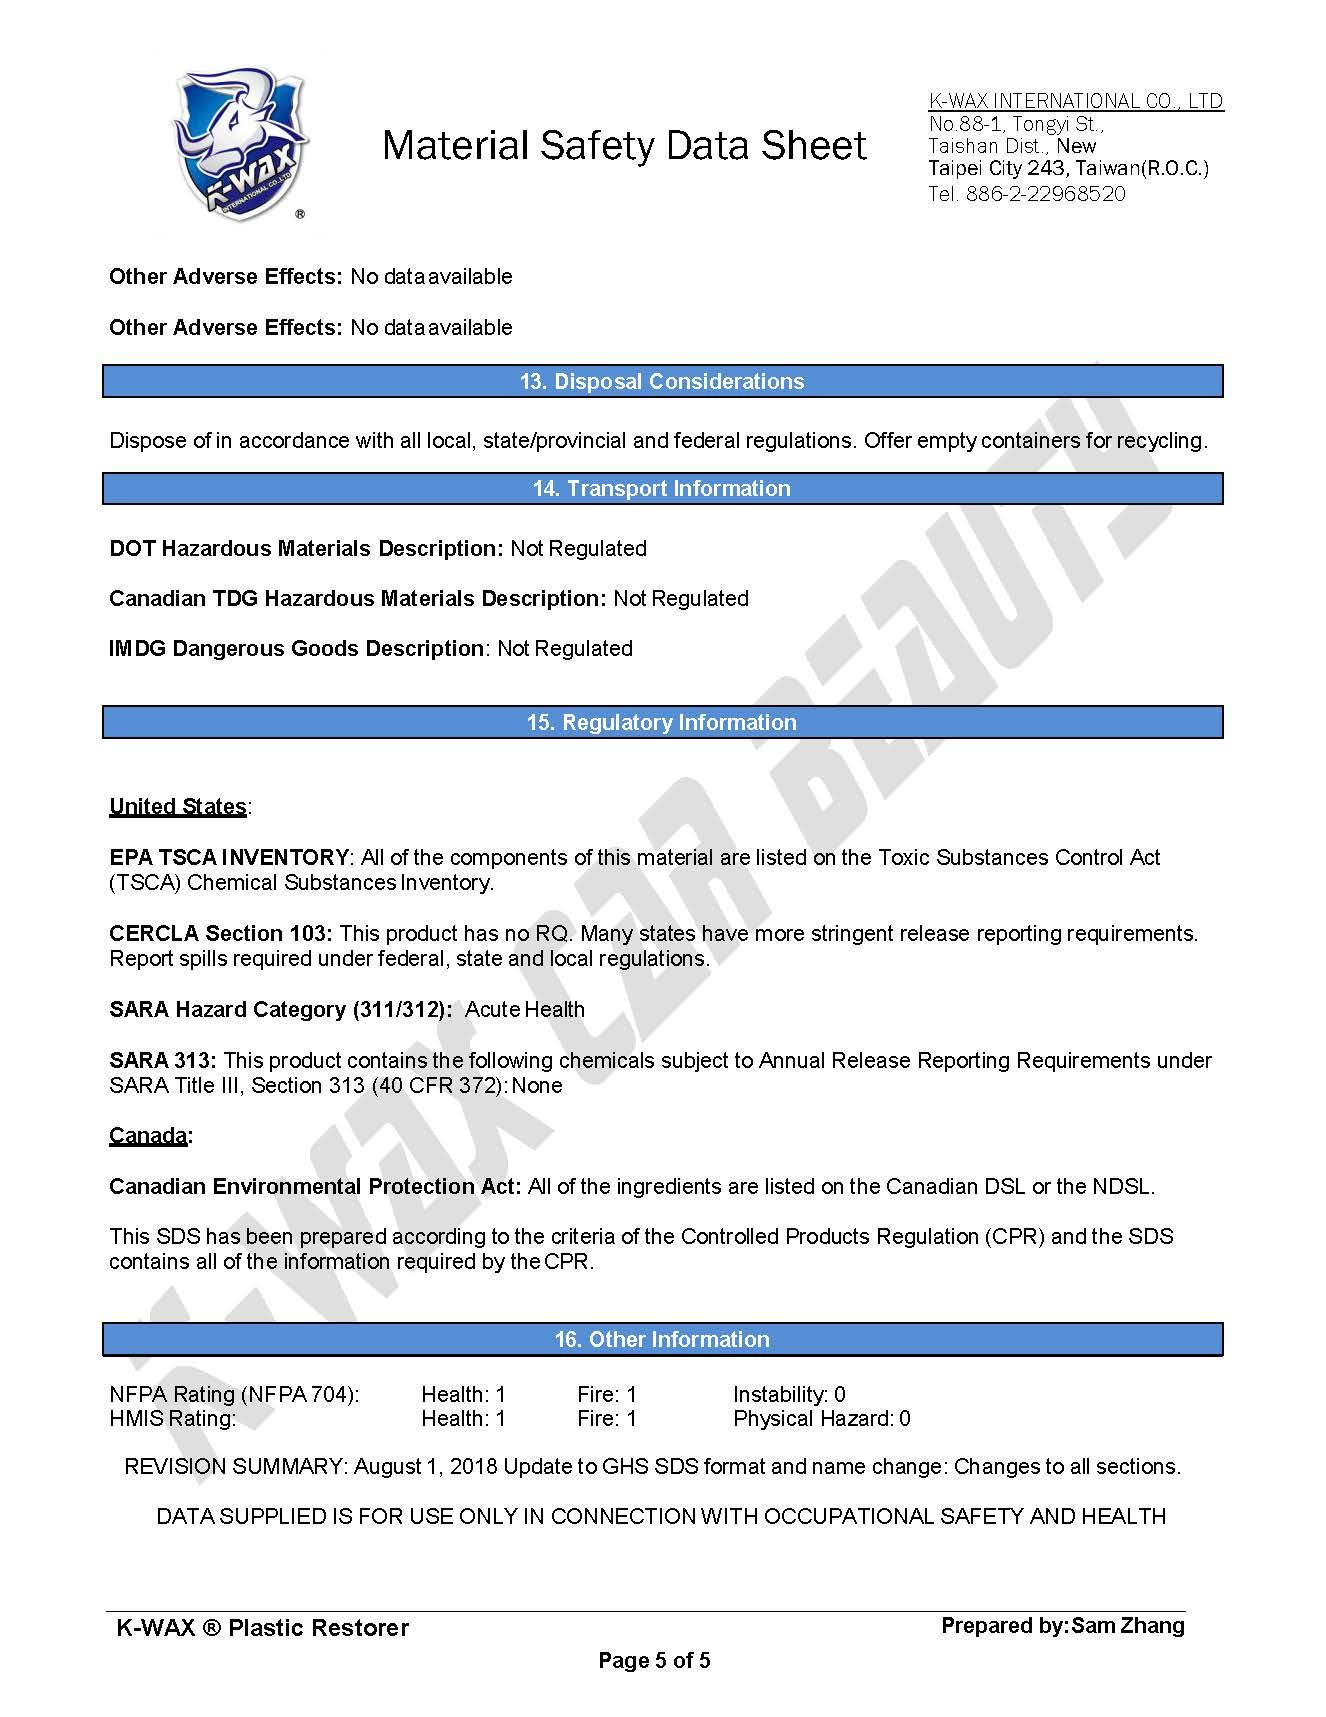 塑料還原劑 MSDS_页面_5.jpg